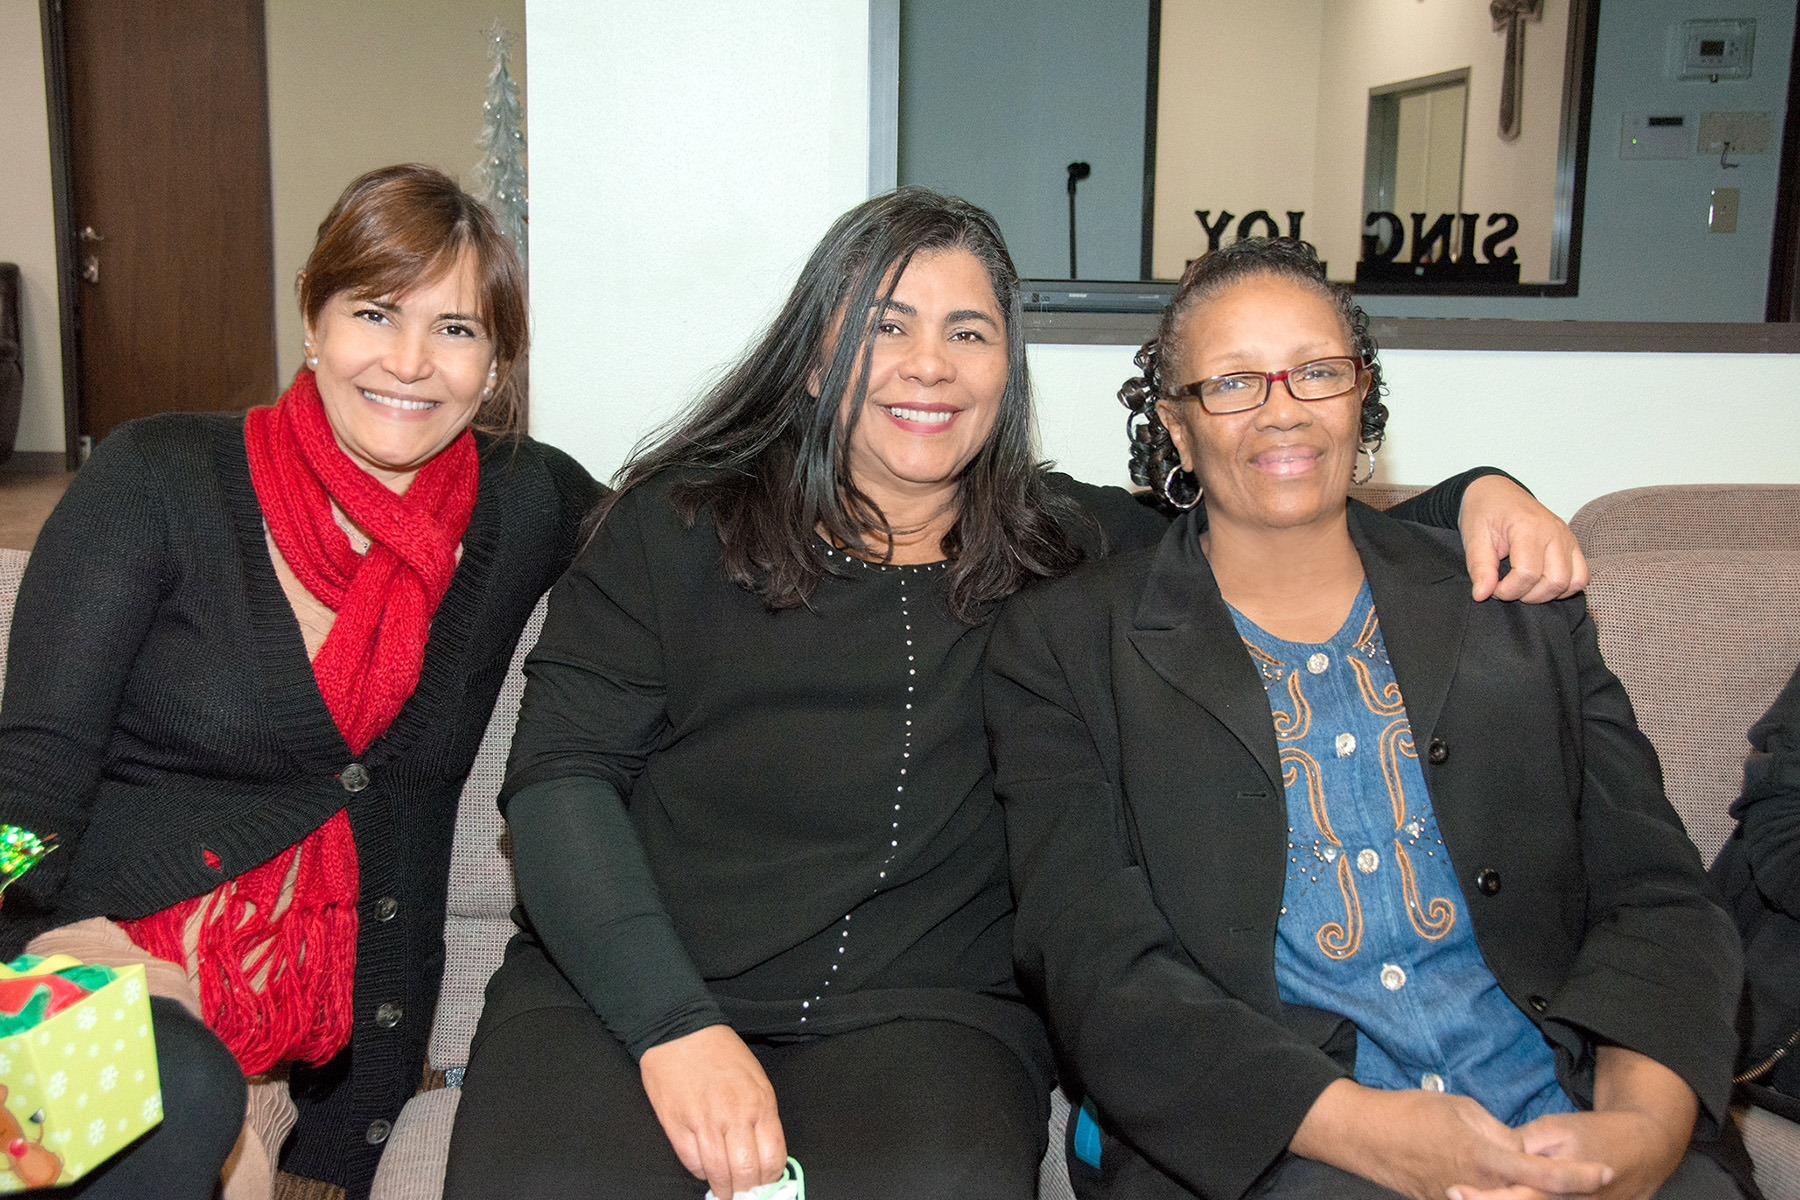 Sandra, Sandra, and Fabiola